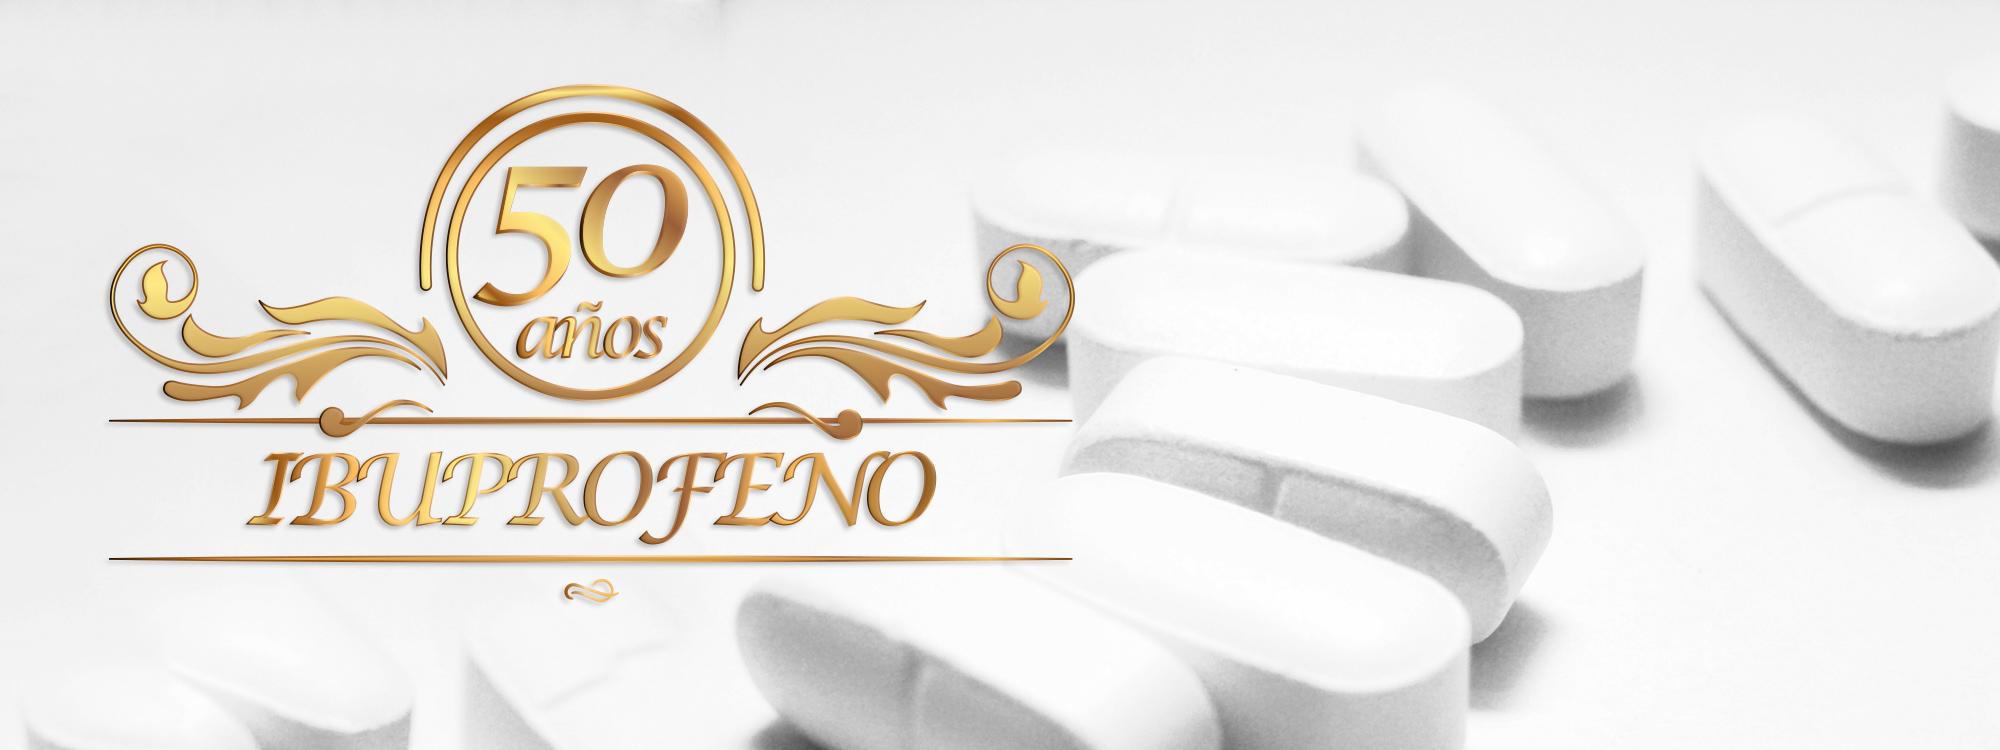 ibuprofeno-50